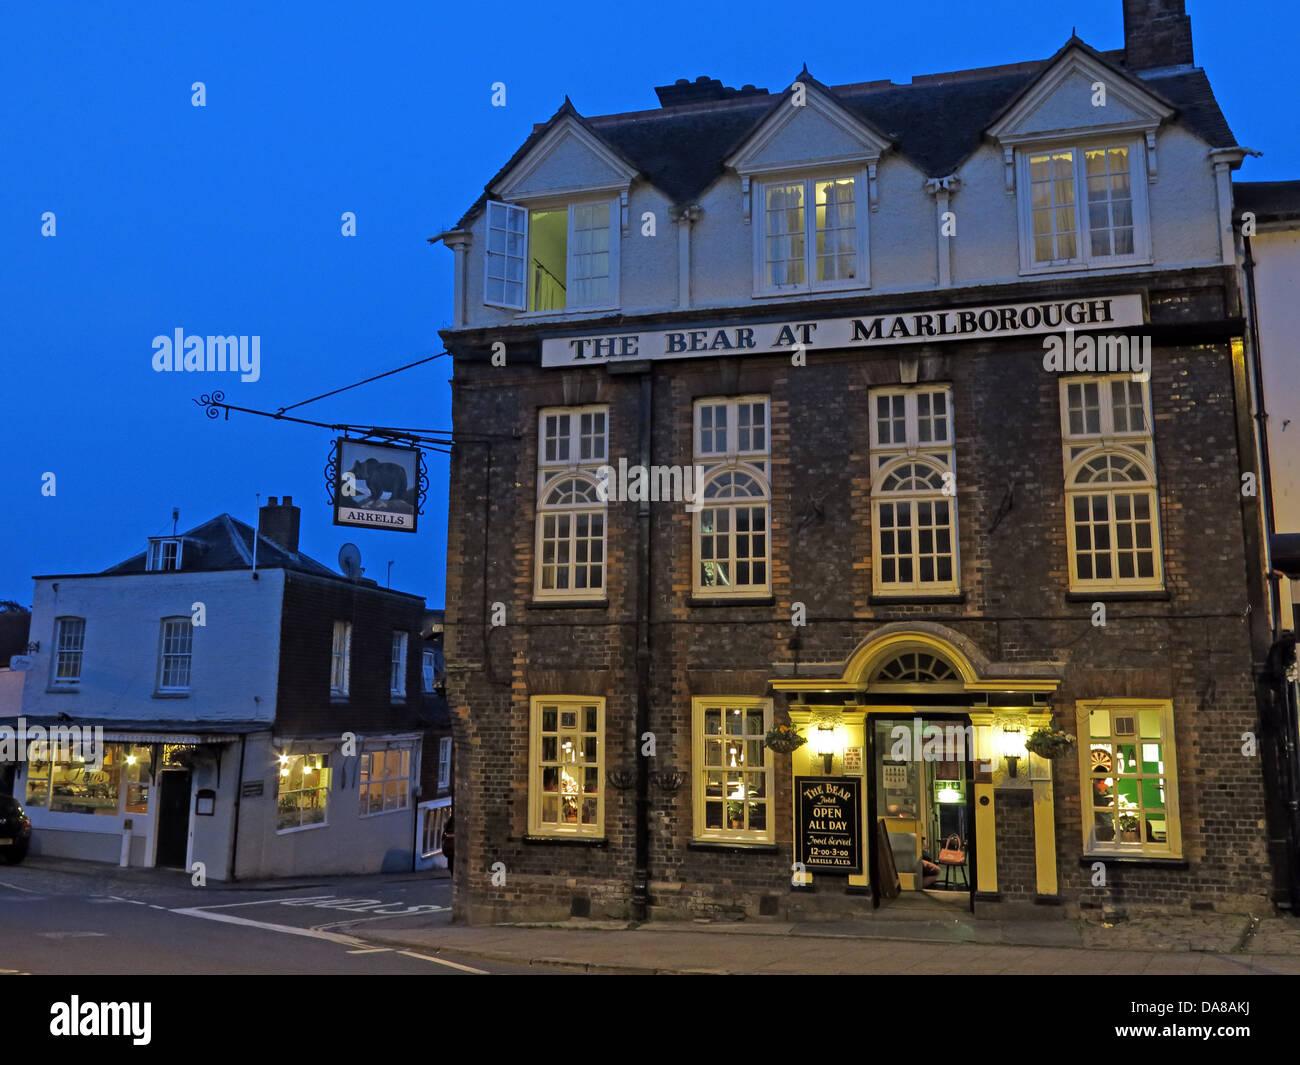 Laden Sie dieses Alamy Stockfoto Der Bär im Marlborough in der Abenddämmerung, Wiltshire, England, UK SN8 1LZ - DA8AKJ